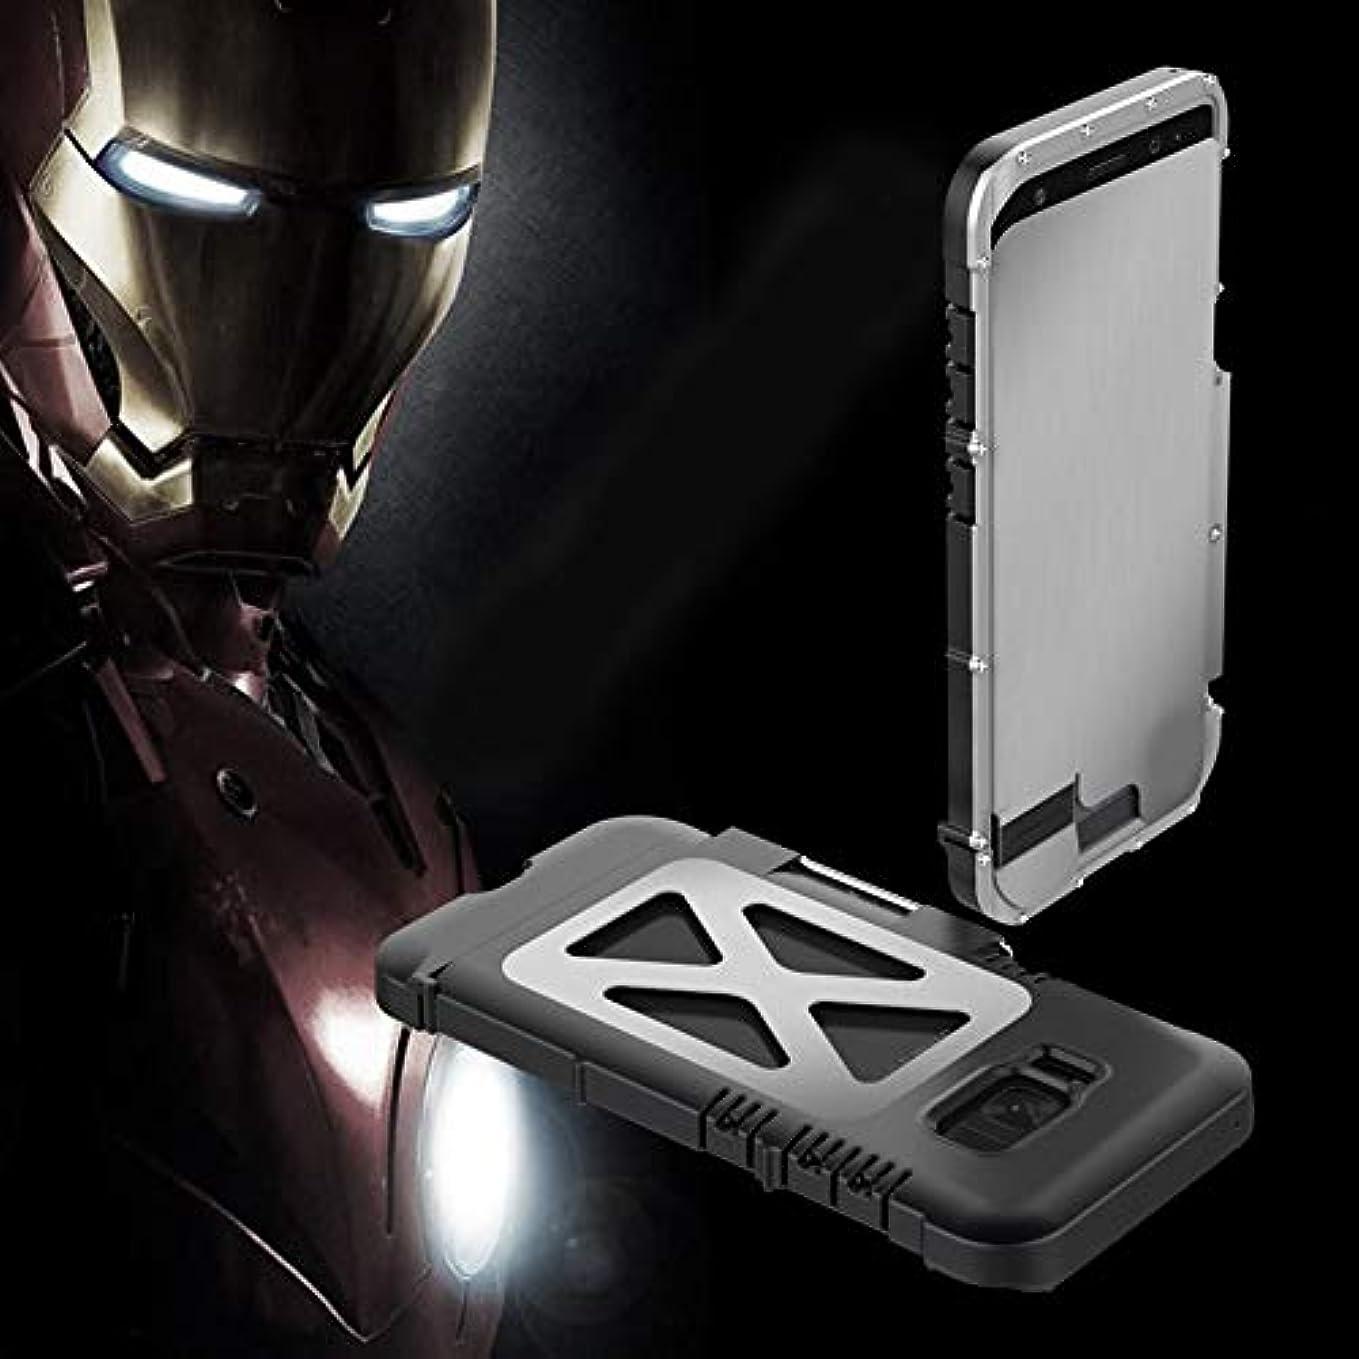 エージェント準備ができて急いでTonglilili 携帯電話ケース、サムスンS5、S6、S6エッジ、S6エッジプラス、S7、S7エッジ、S8、S8、S9、S9用ブラケット落下防止クリエイティブスリーインワンメタルフリップアイアンマン保護携帯電話シェルホーンケースプラス (Color : Silver, Edition : S7 Edge)